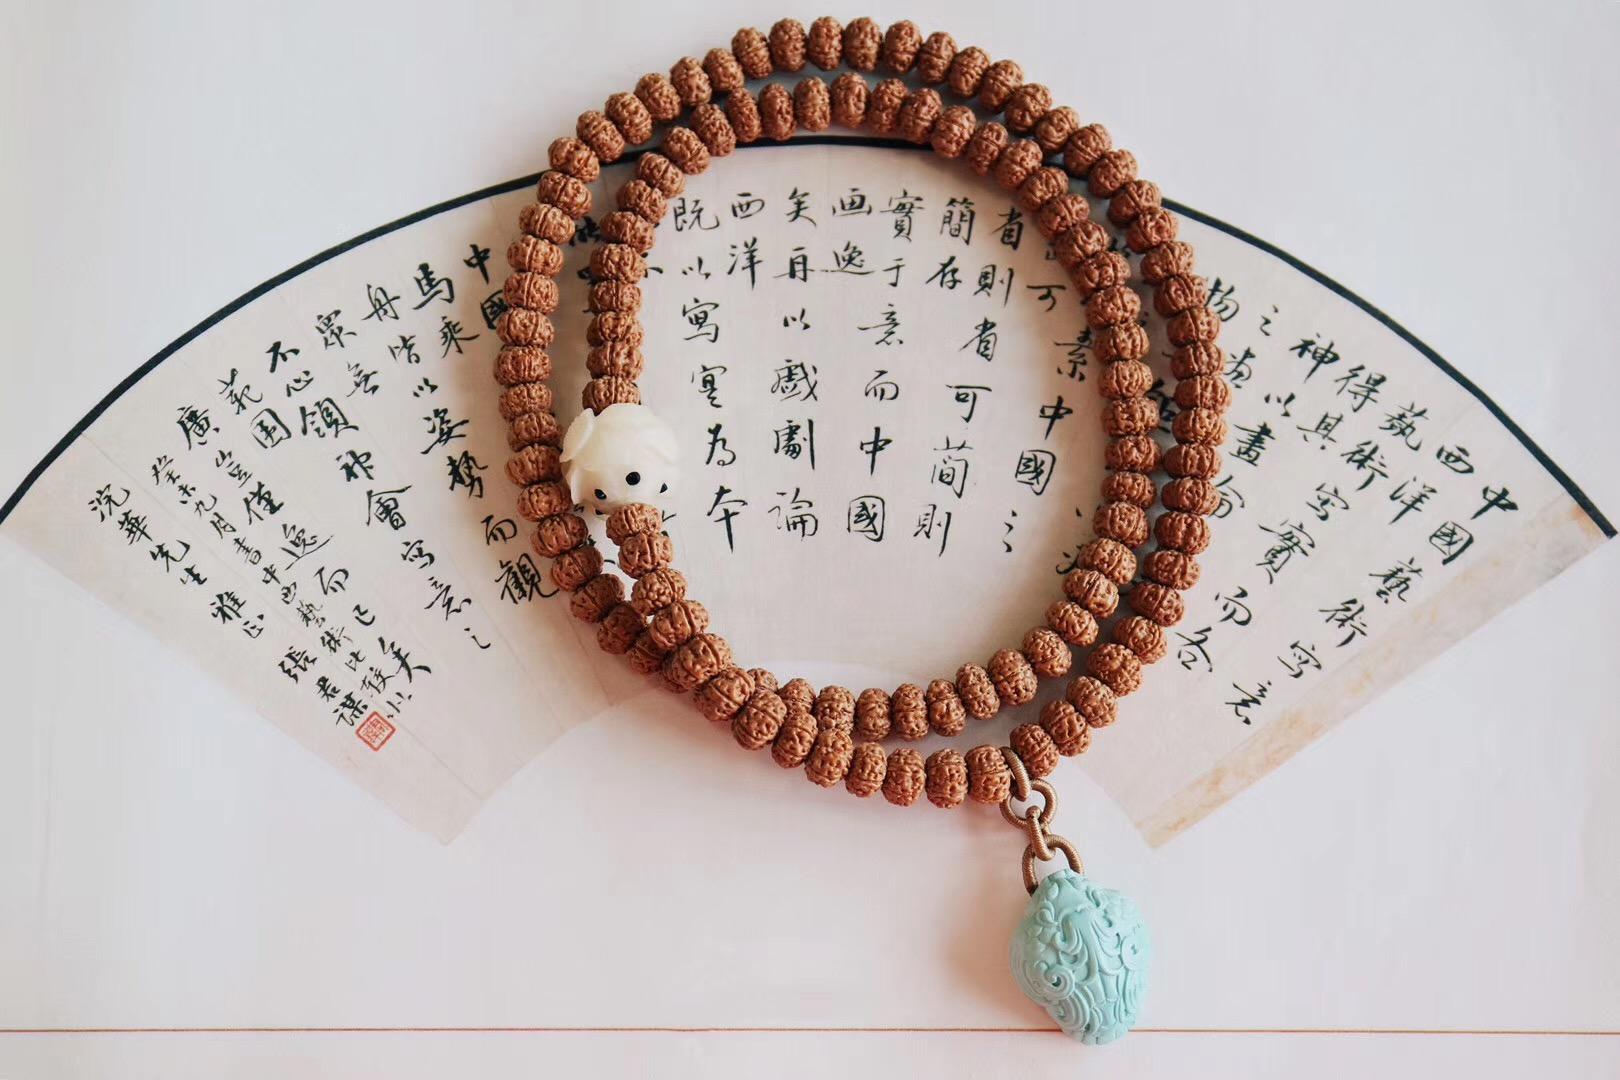 菩心晶舍-收藏级金刚菩提、原矿绿松石-古法雕刻貔貅-菩心晶舍